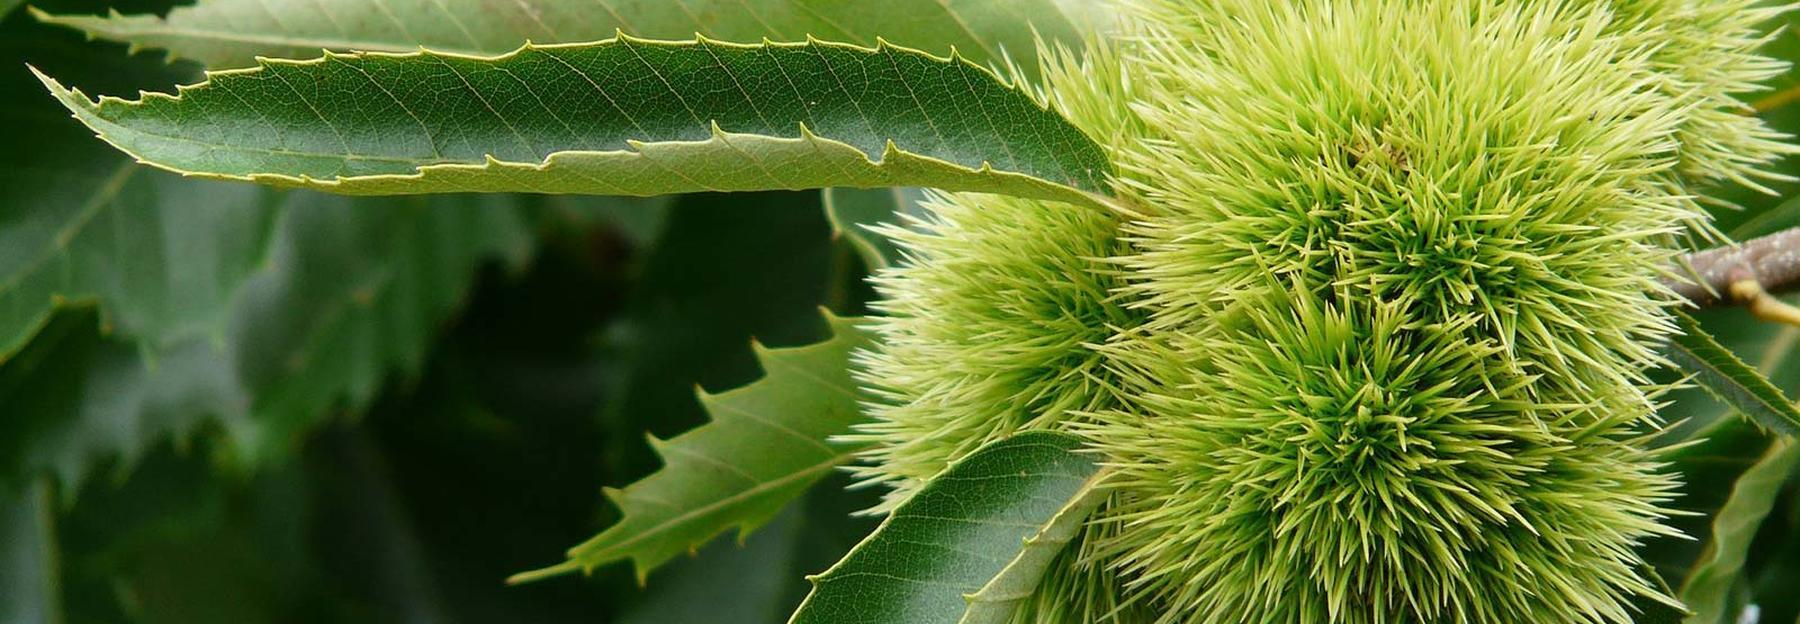 Blätter laubbäume übersicht